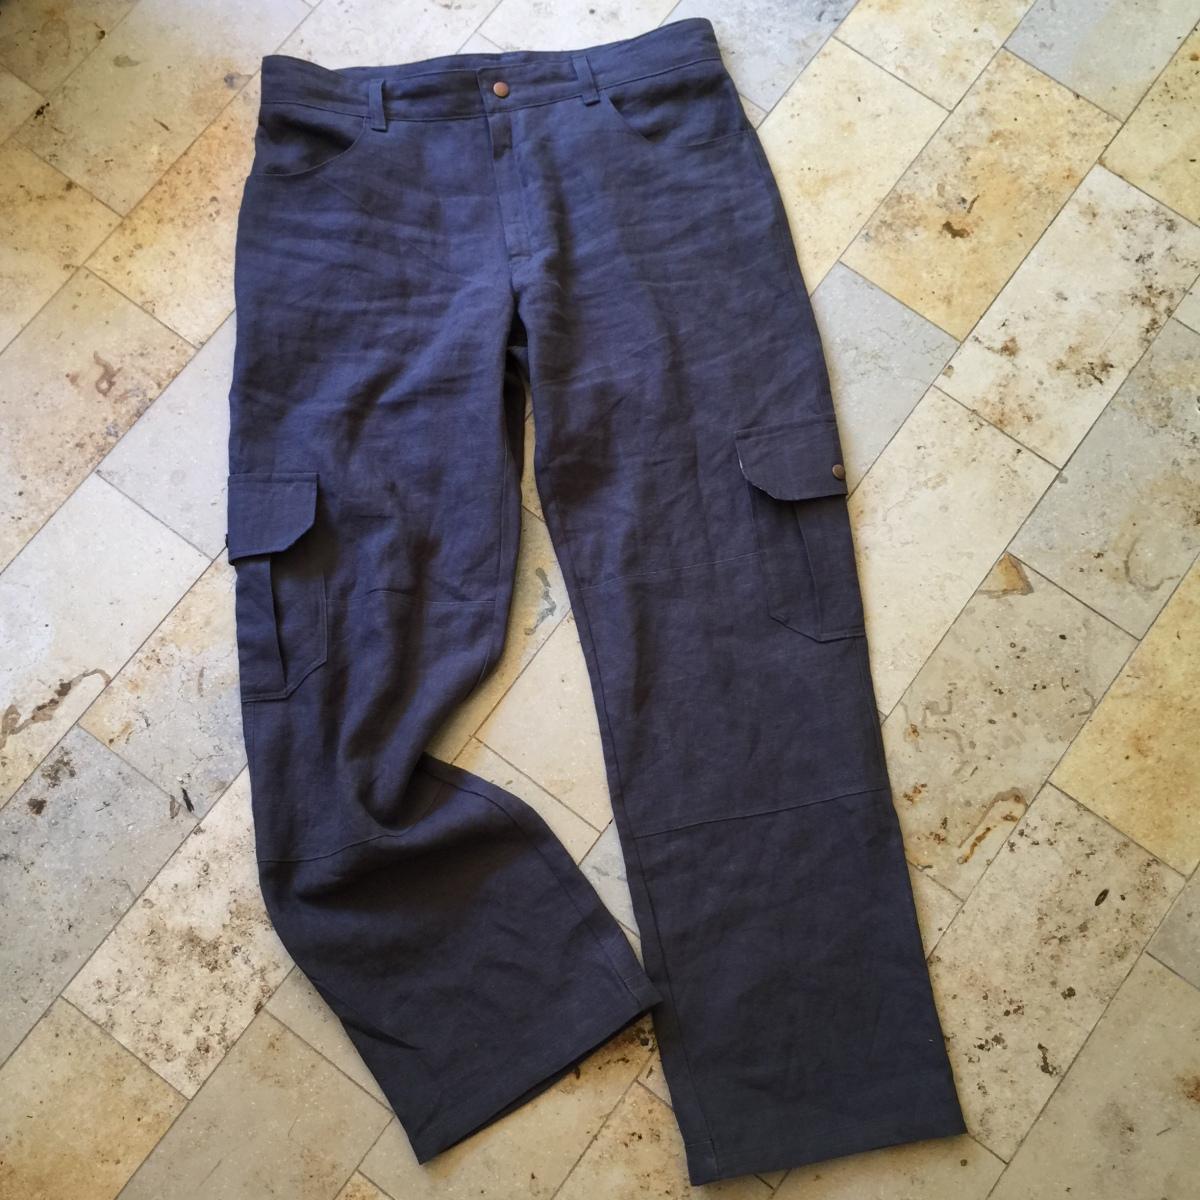 Flatlay of navy Jutland pants